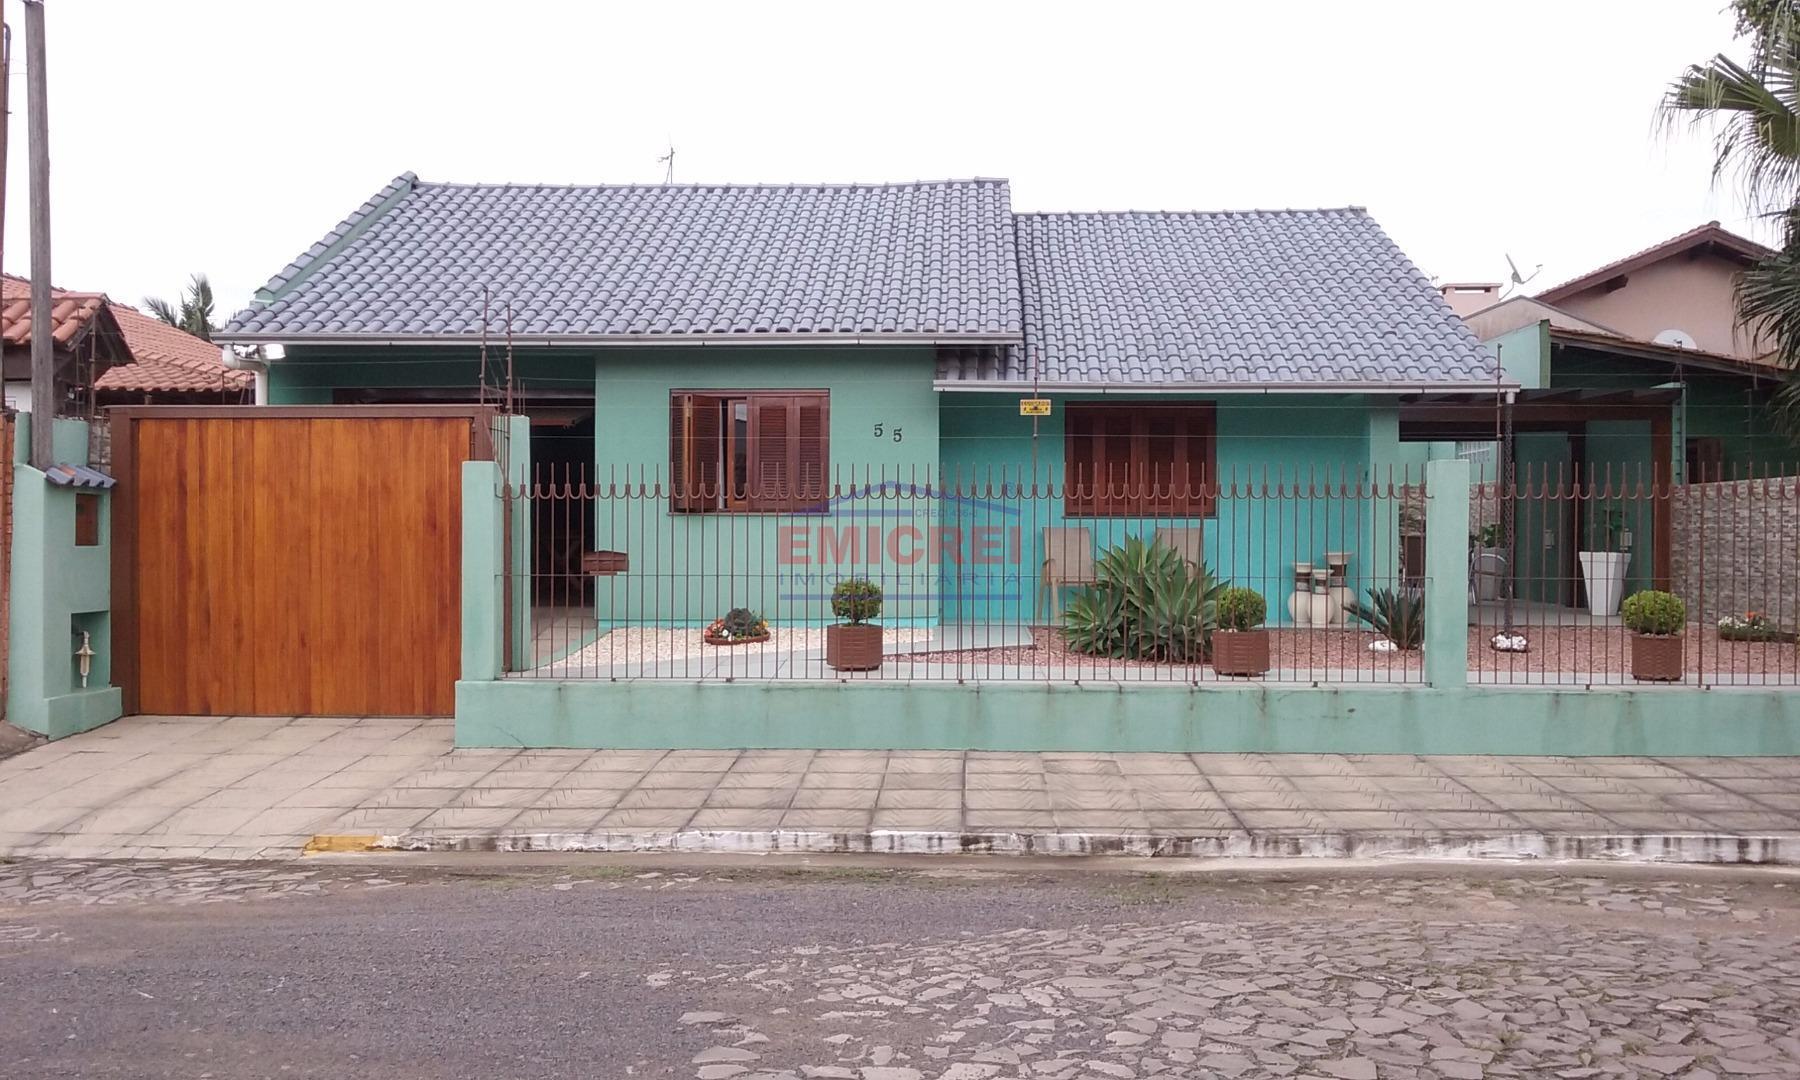 Emicrei vende. Excelente casa 2 dormitórios, garagem, pergolado, frente com grade e portão eletrônico, Scharlau, São Leopoldo.